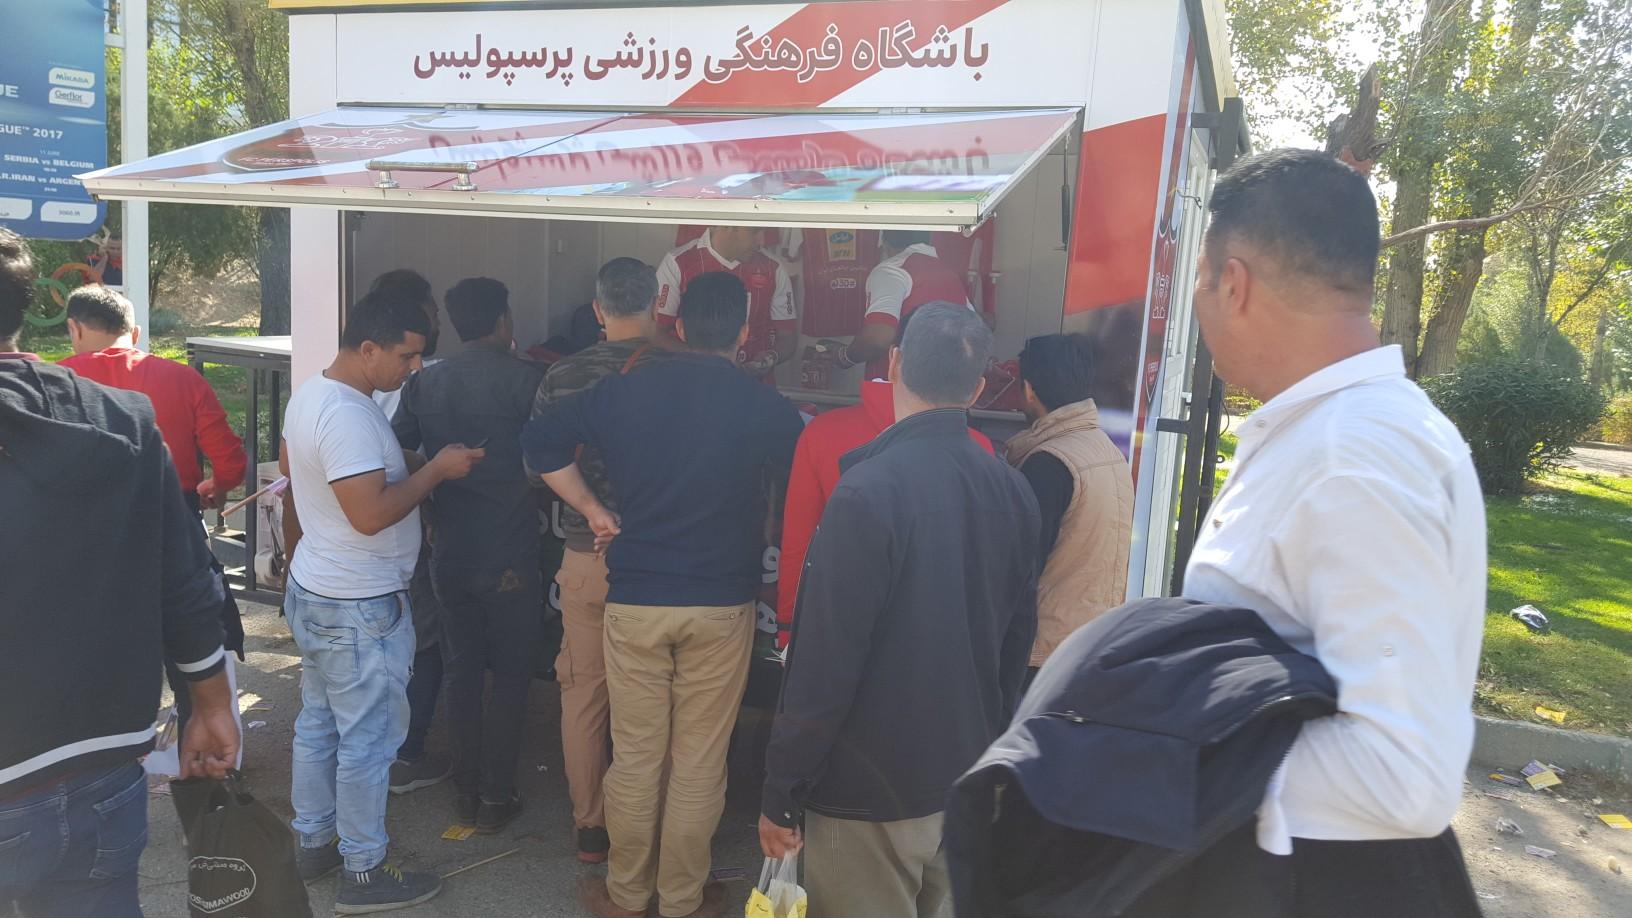 حاشیههای پیش از دیدار پرسپولیس ایران و السد قطر در ورزشگاه آزادی - 6